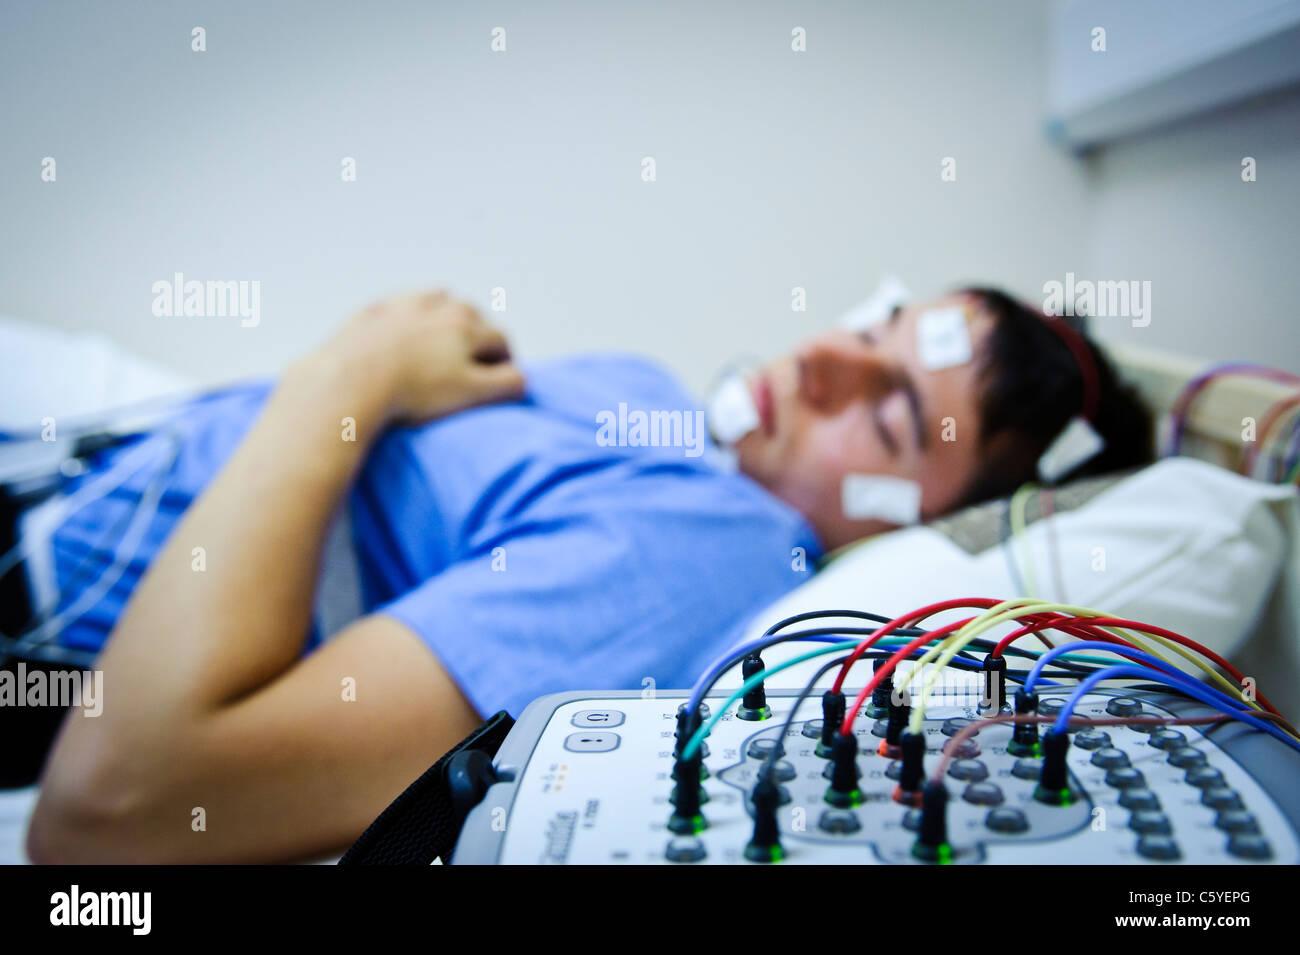 schlafen Sie Lab-EEG Überwachung Maschine Ausrüstung Elektroden und Drähte mit Motiv im Hintergrund Stockbild